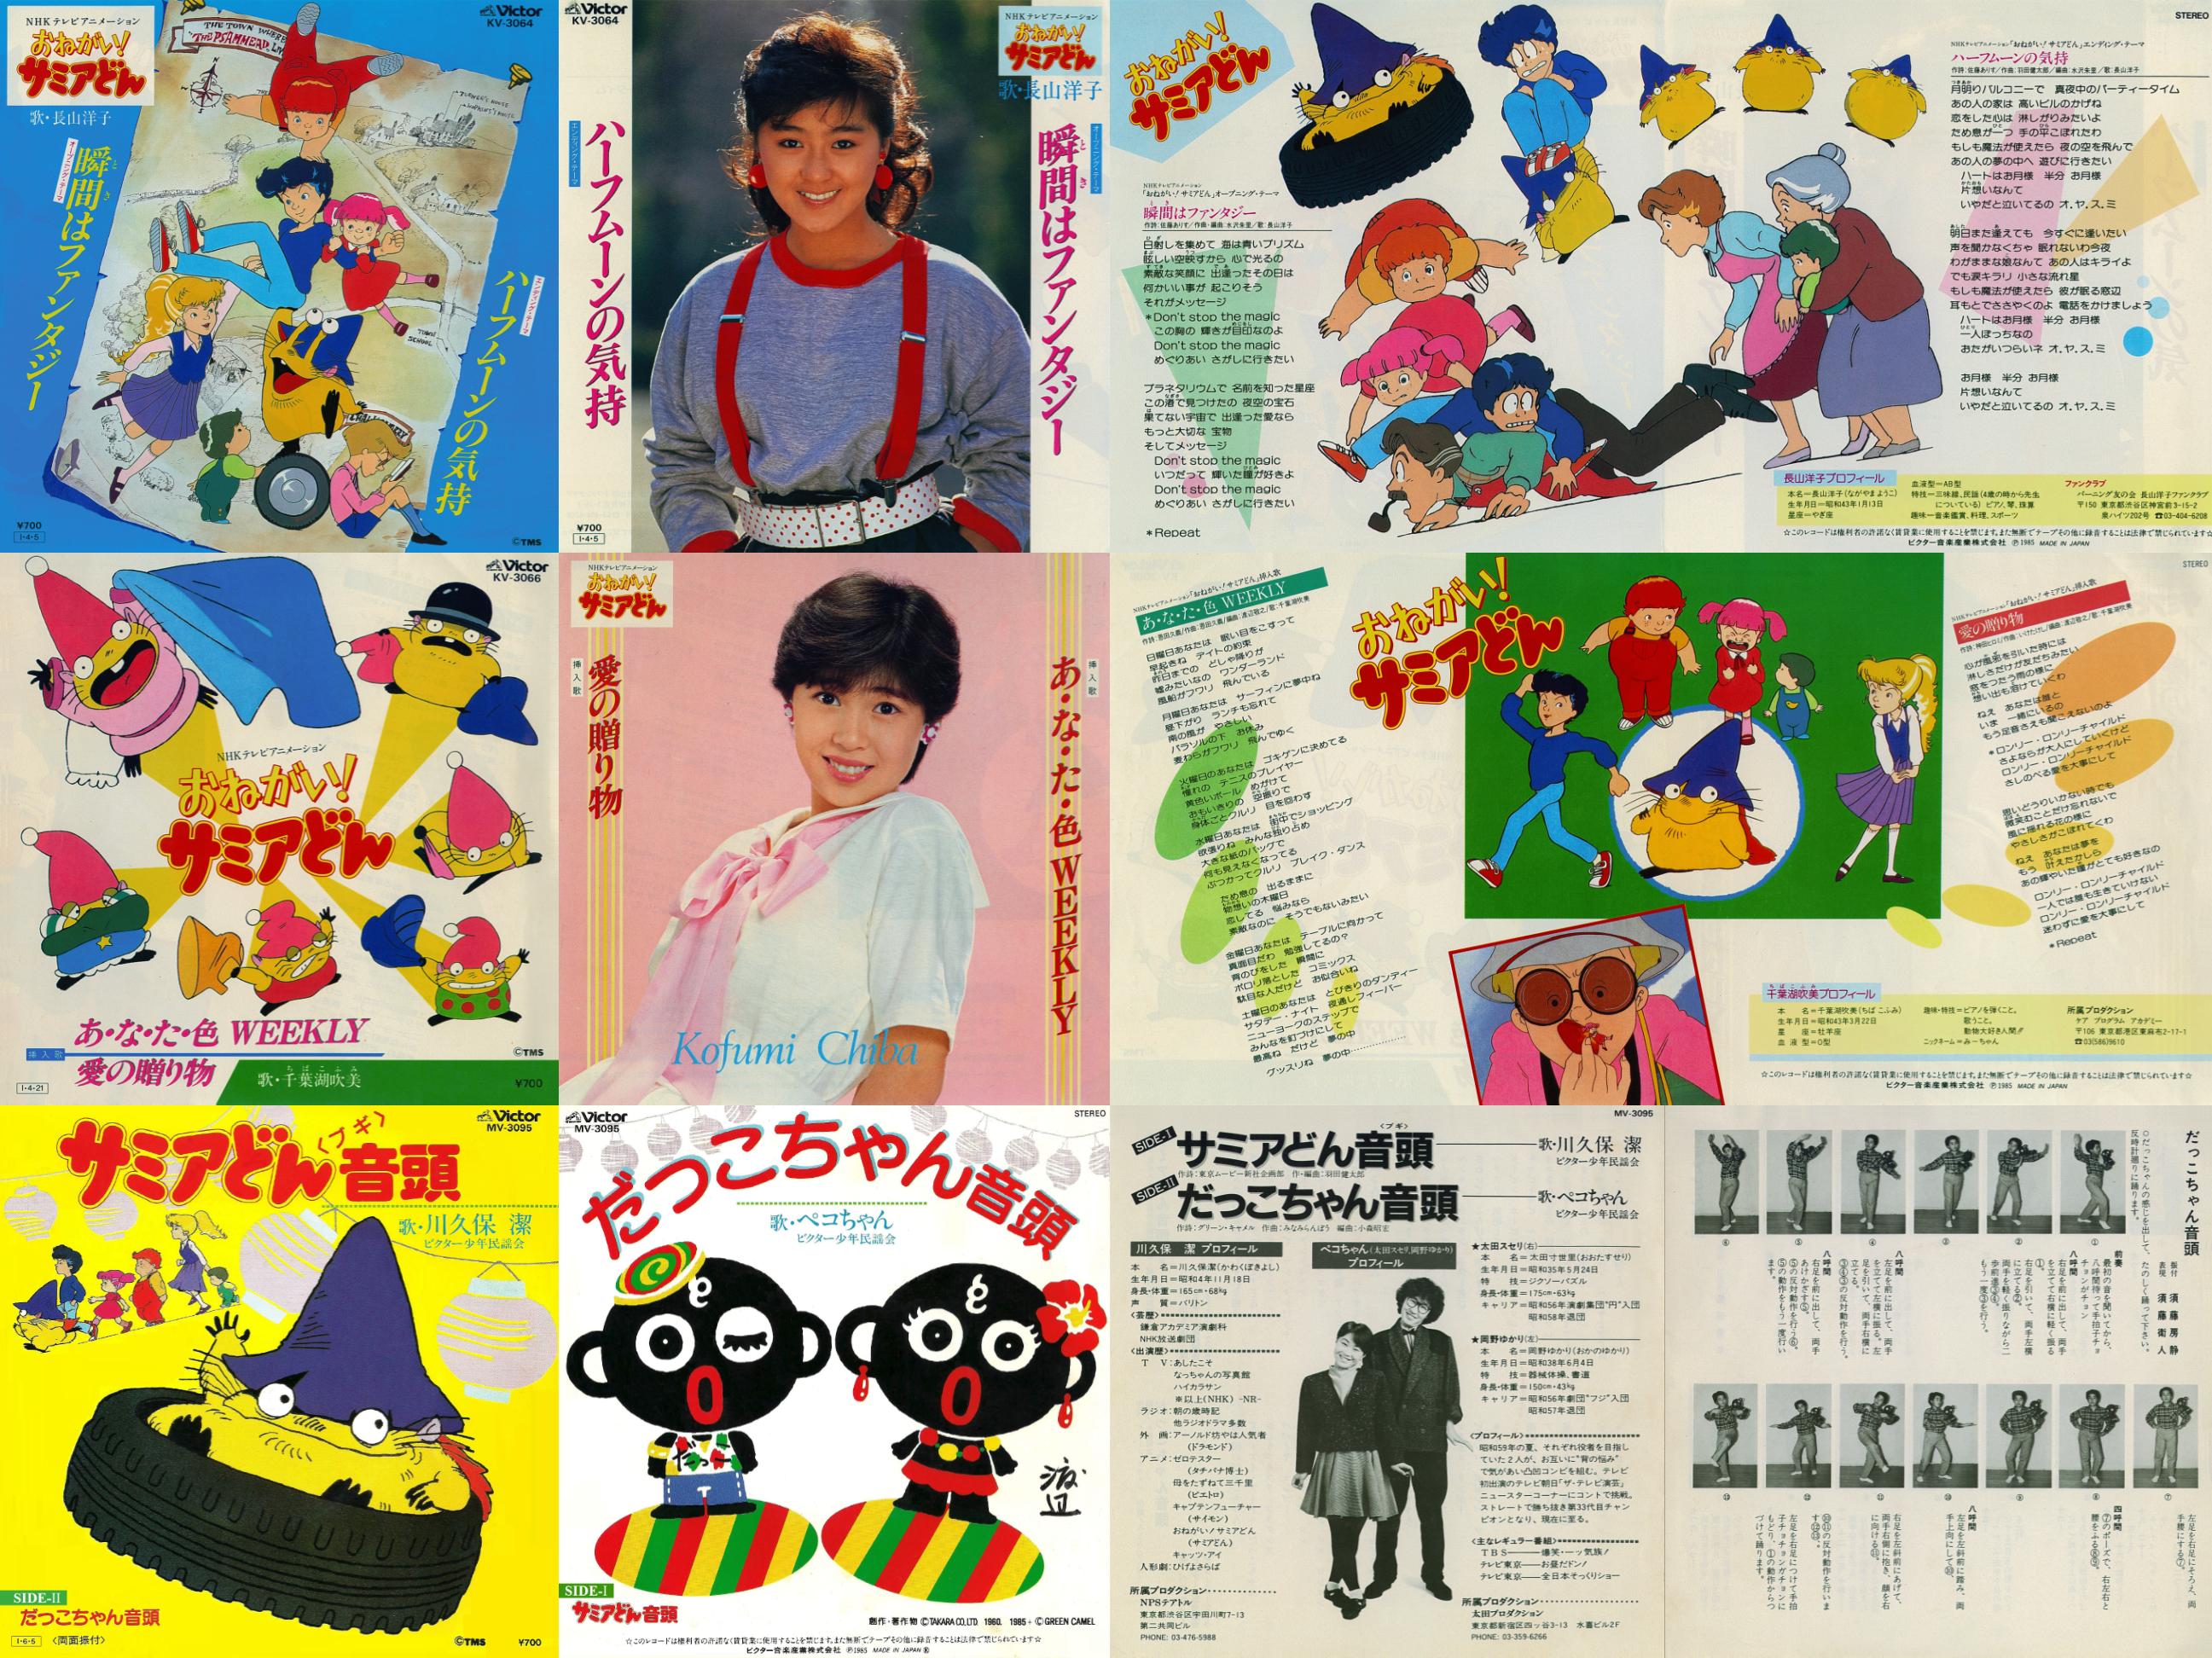 ザ・そっくりショー - JapaneseClass.jp